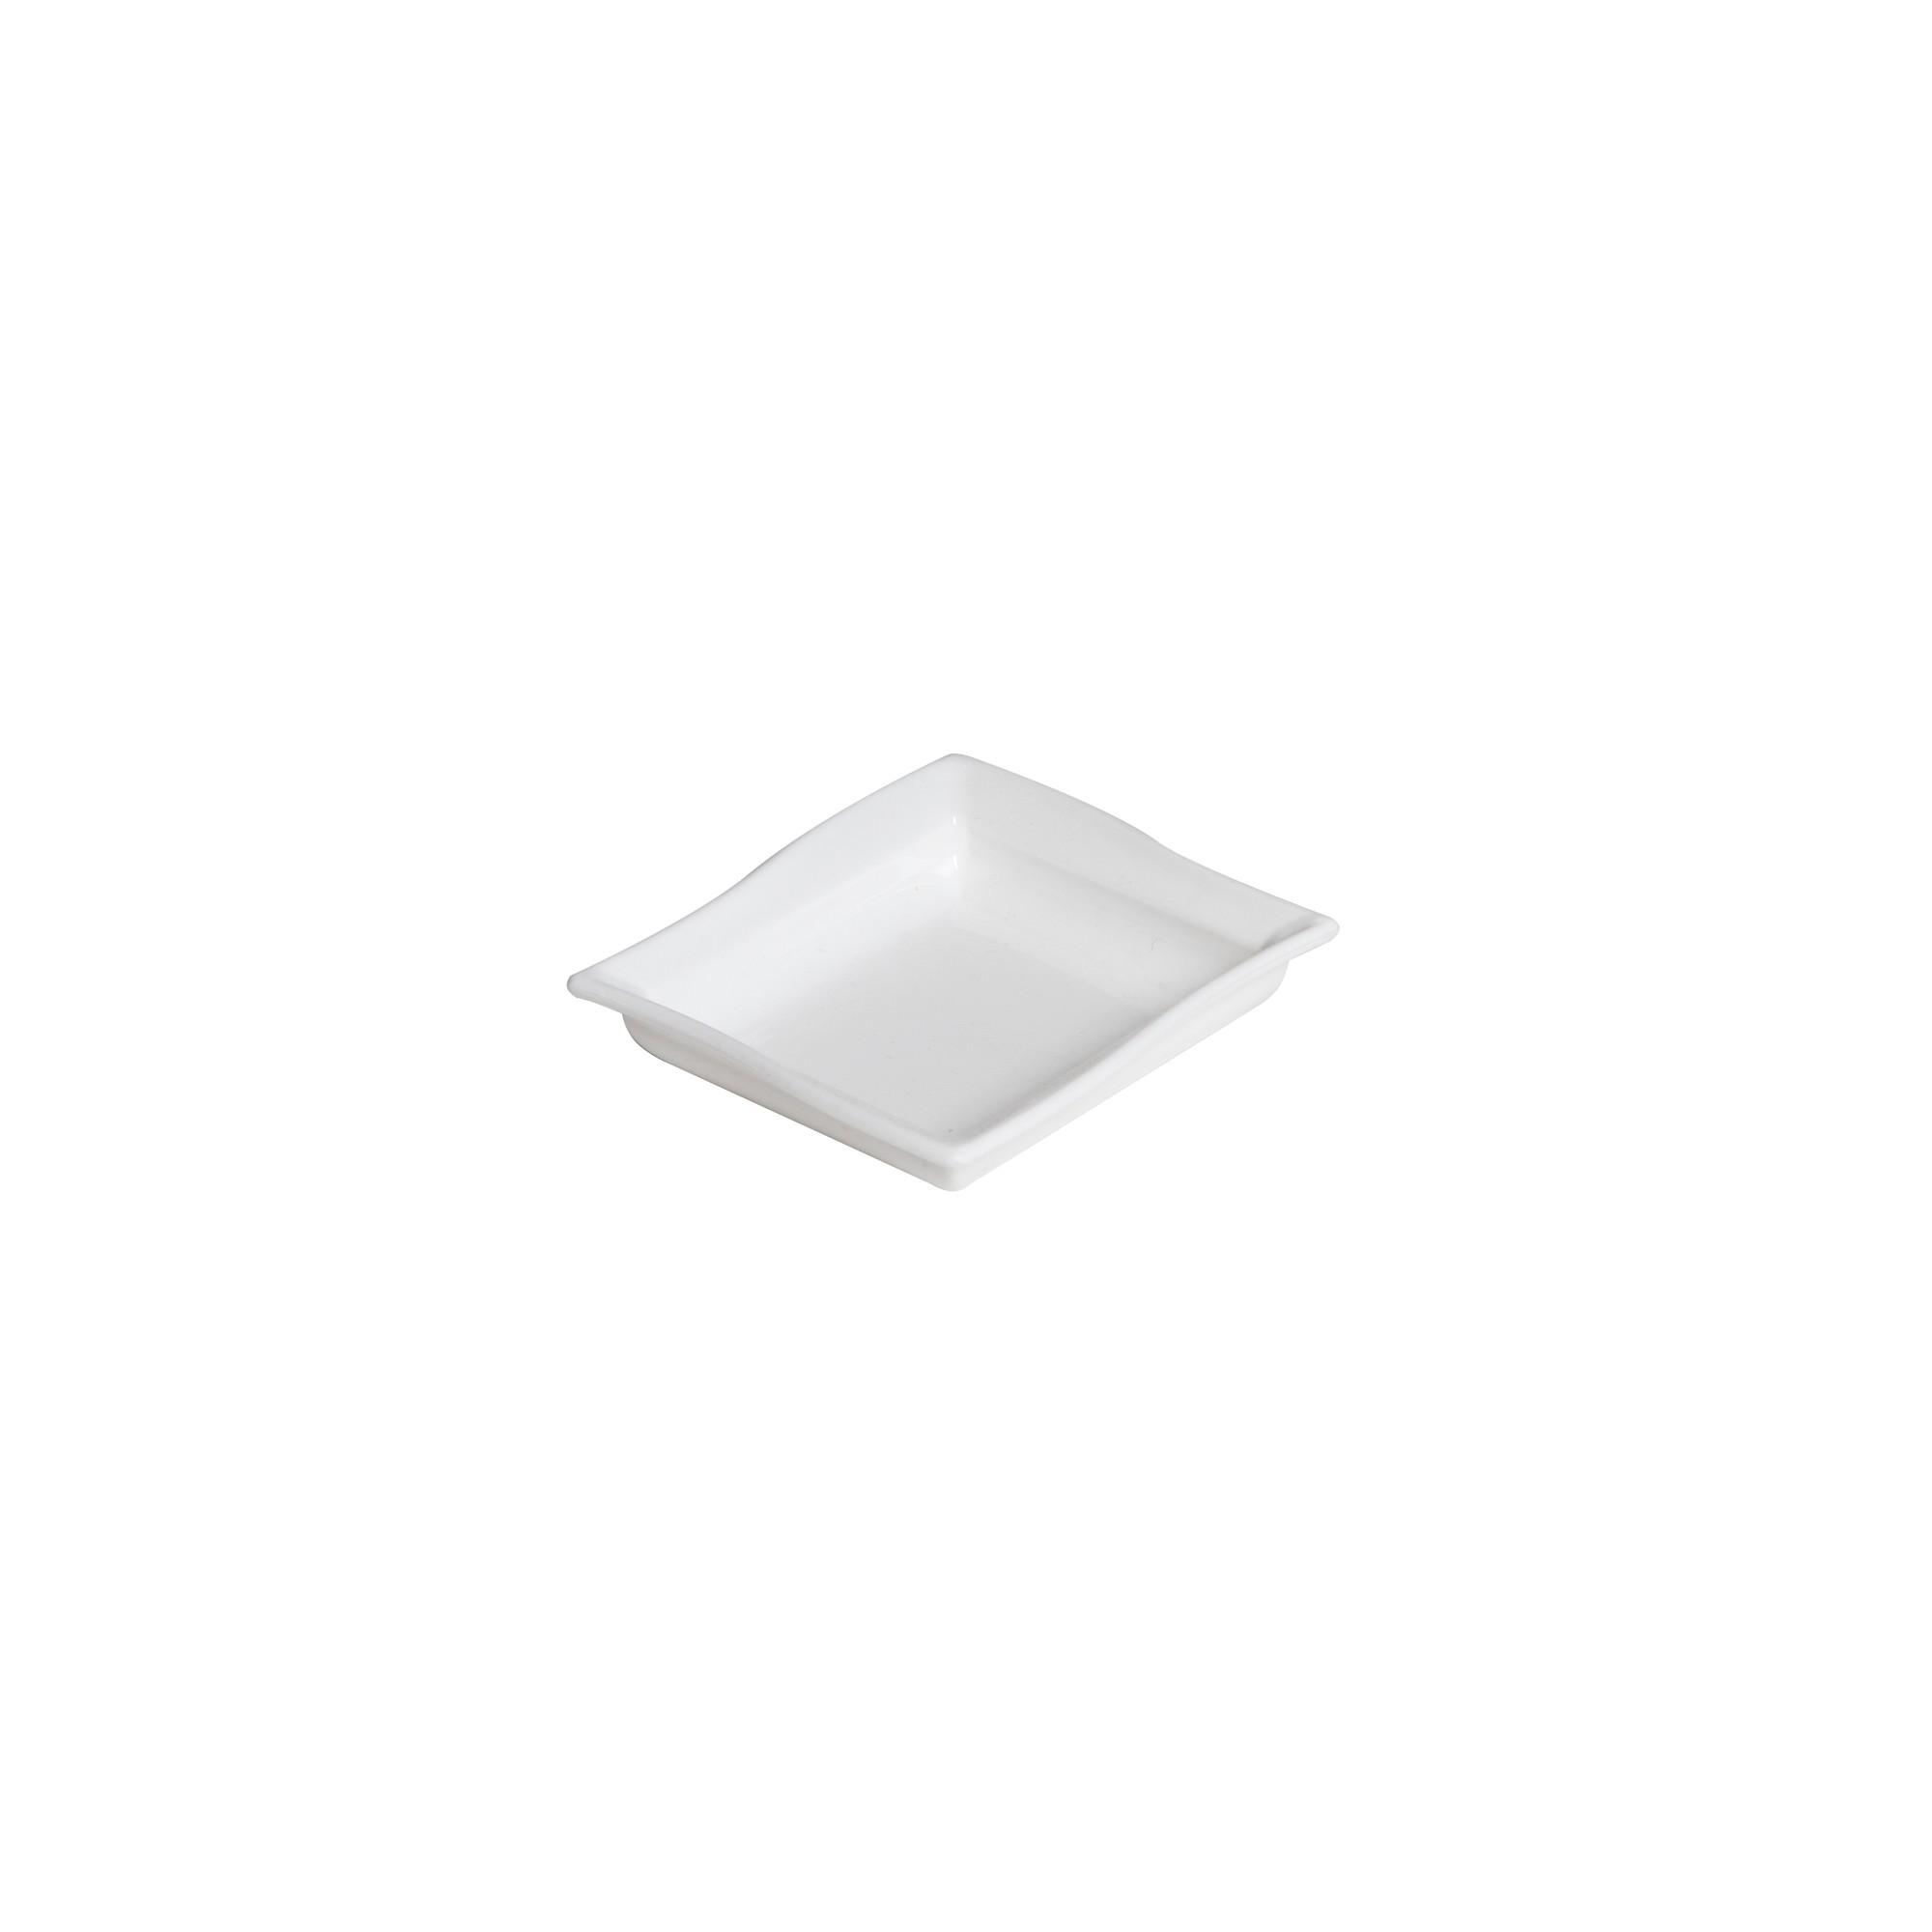 Molheira de Plastico Quadrada 60ml Branca - Vem Plast